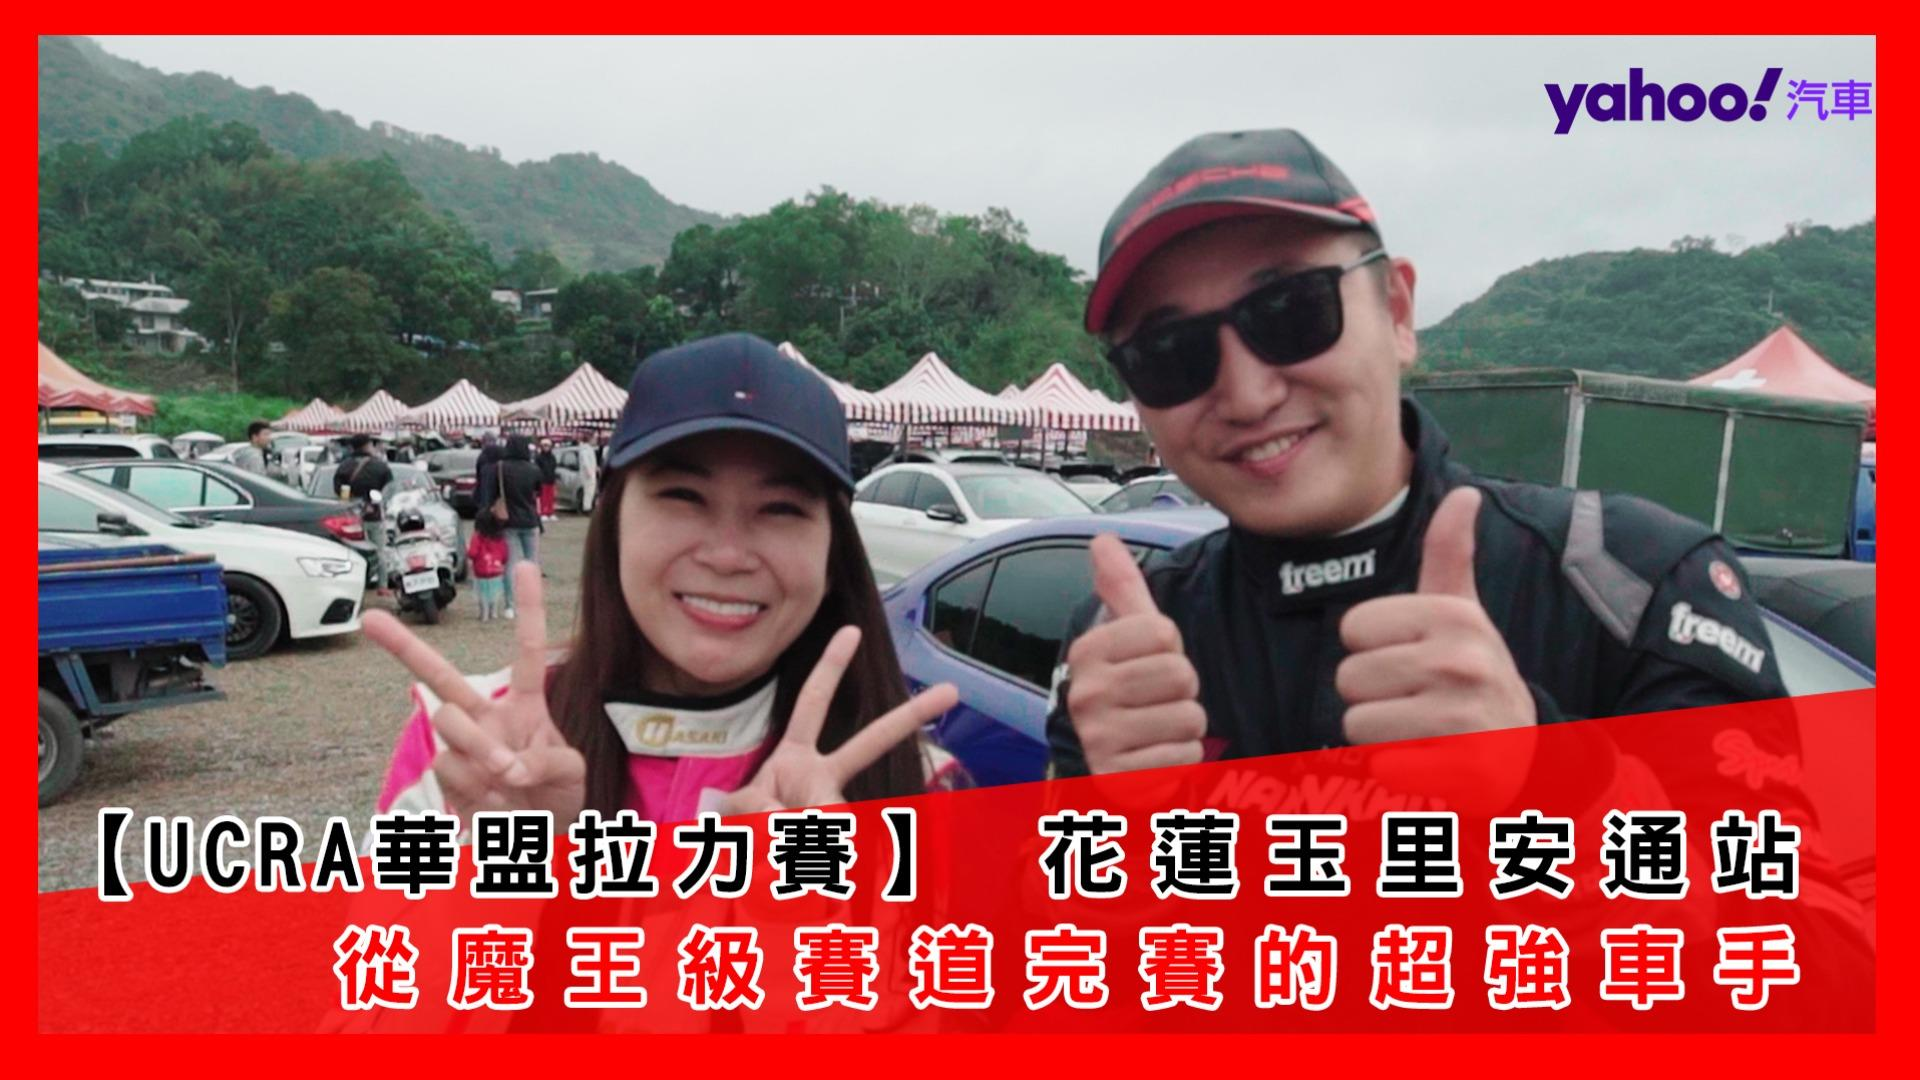 【2020 UCRA華盟拉力賽】花蓮玉里安通站精彩回顧:從魔王級賽道完賽的超強車手!